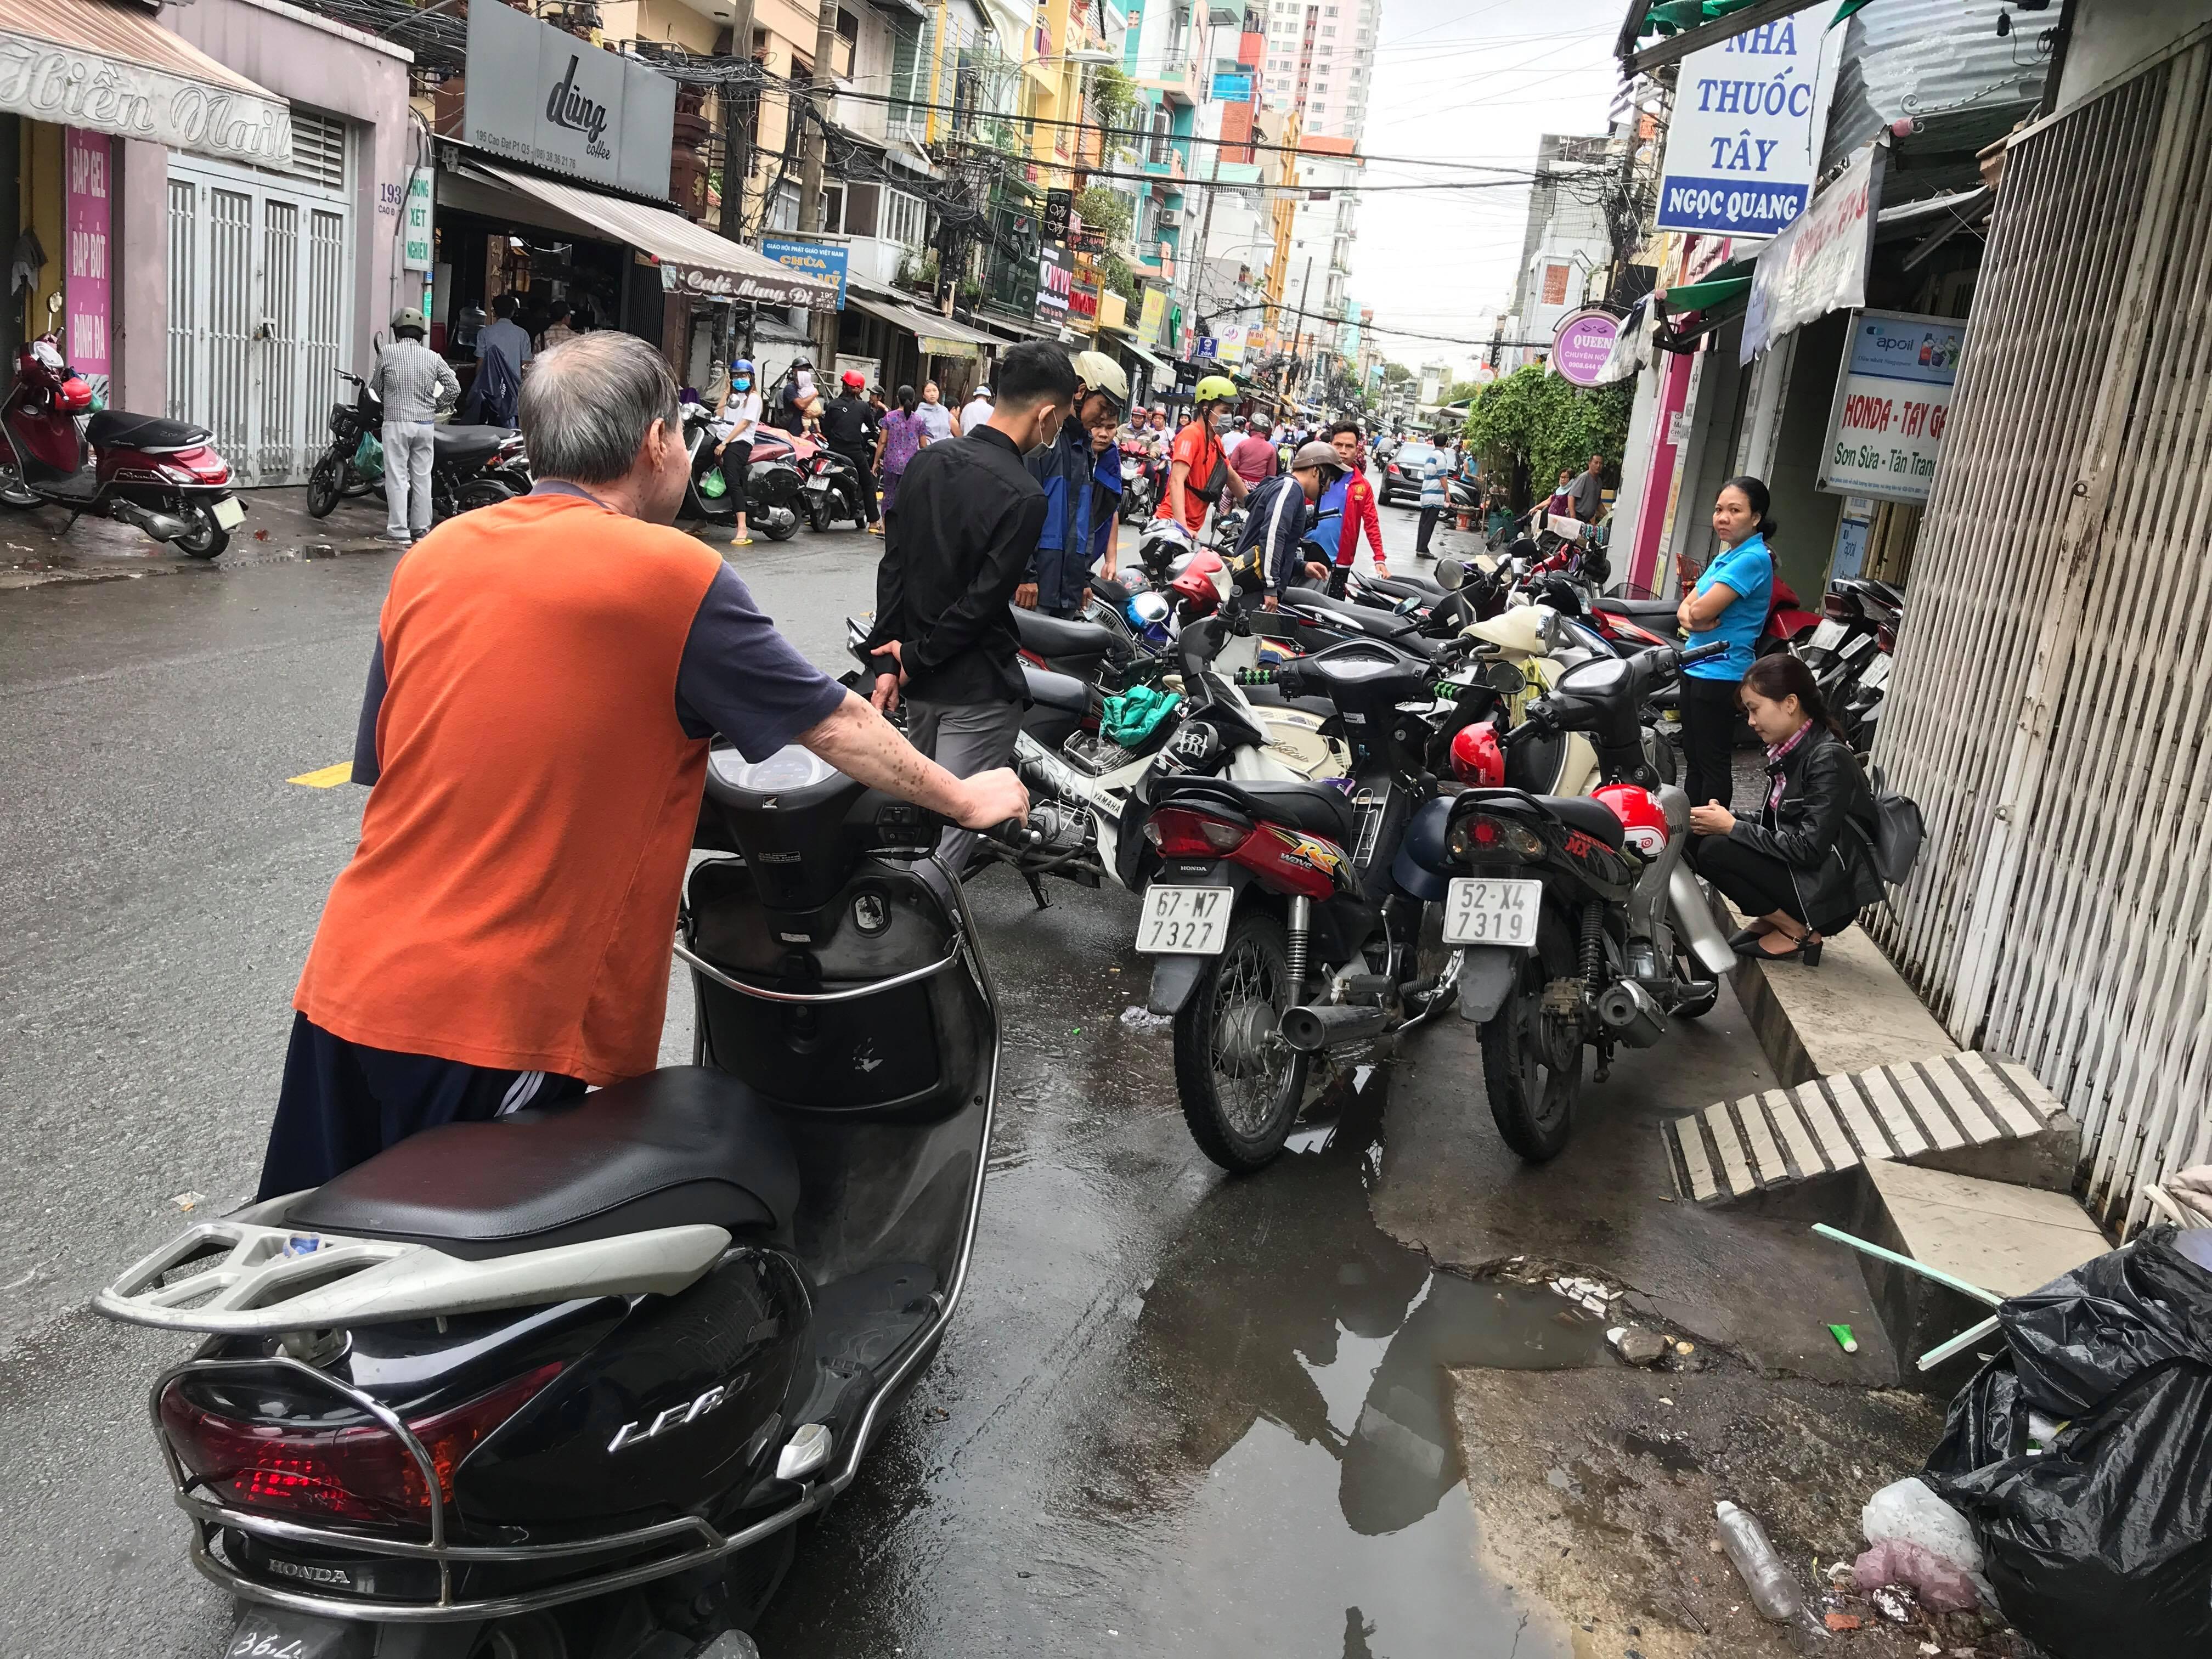 TPHCM ngập, giao thông ùn ứ sau cơn mưa kéo dài do ảnh hưởng bão số 9 ảnh 3